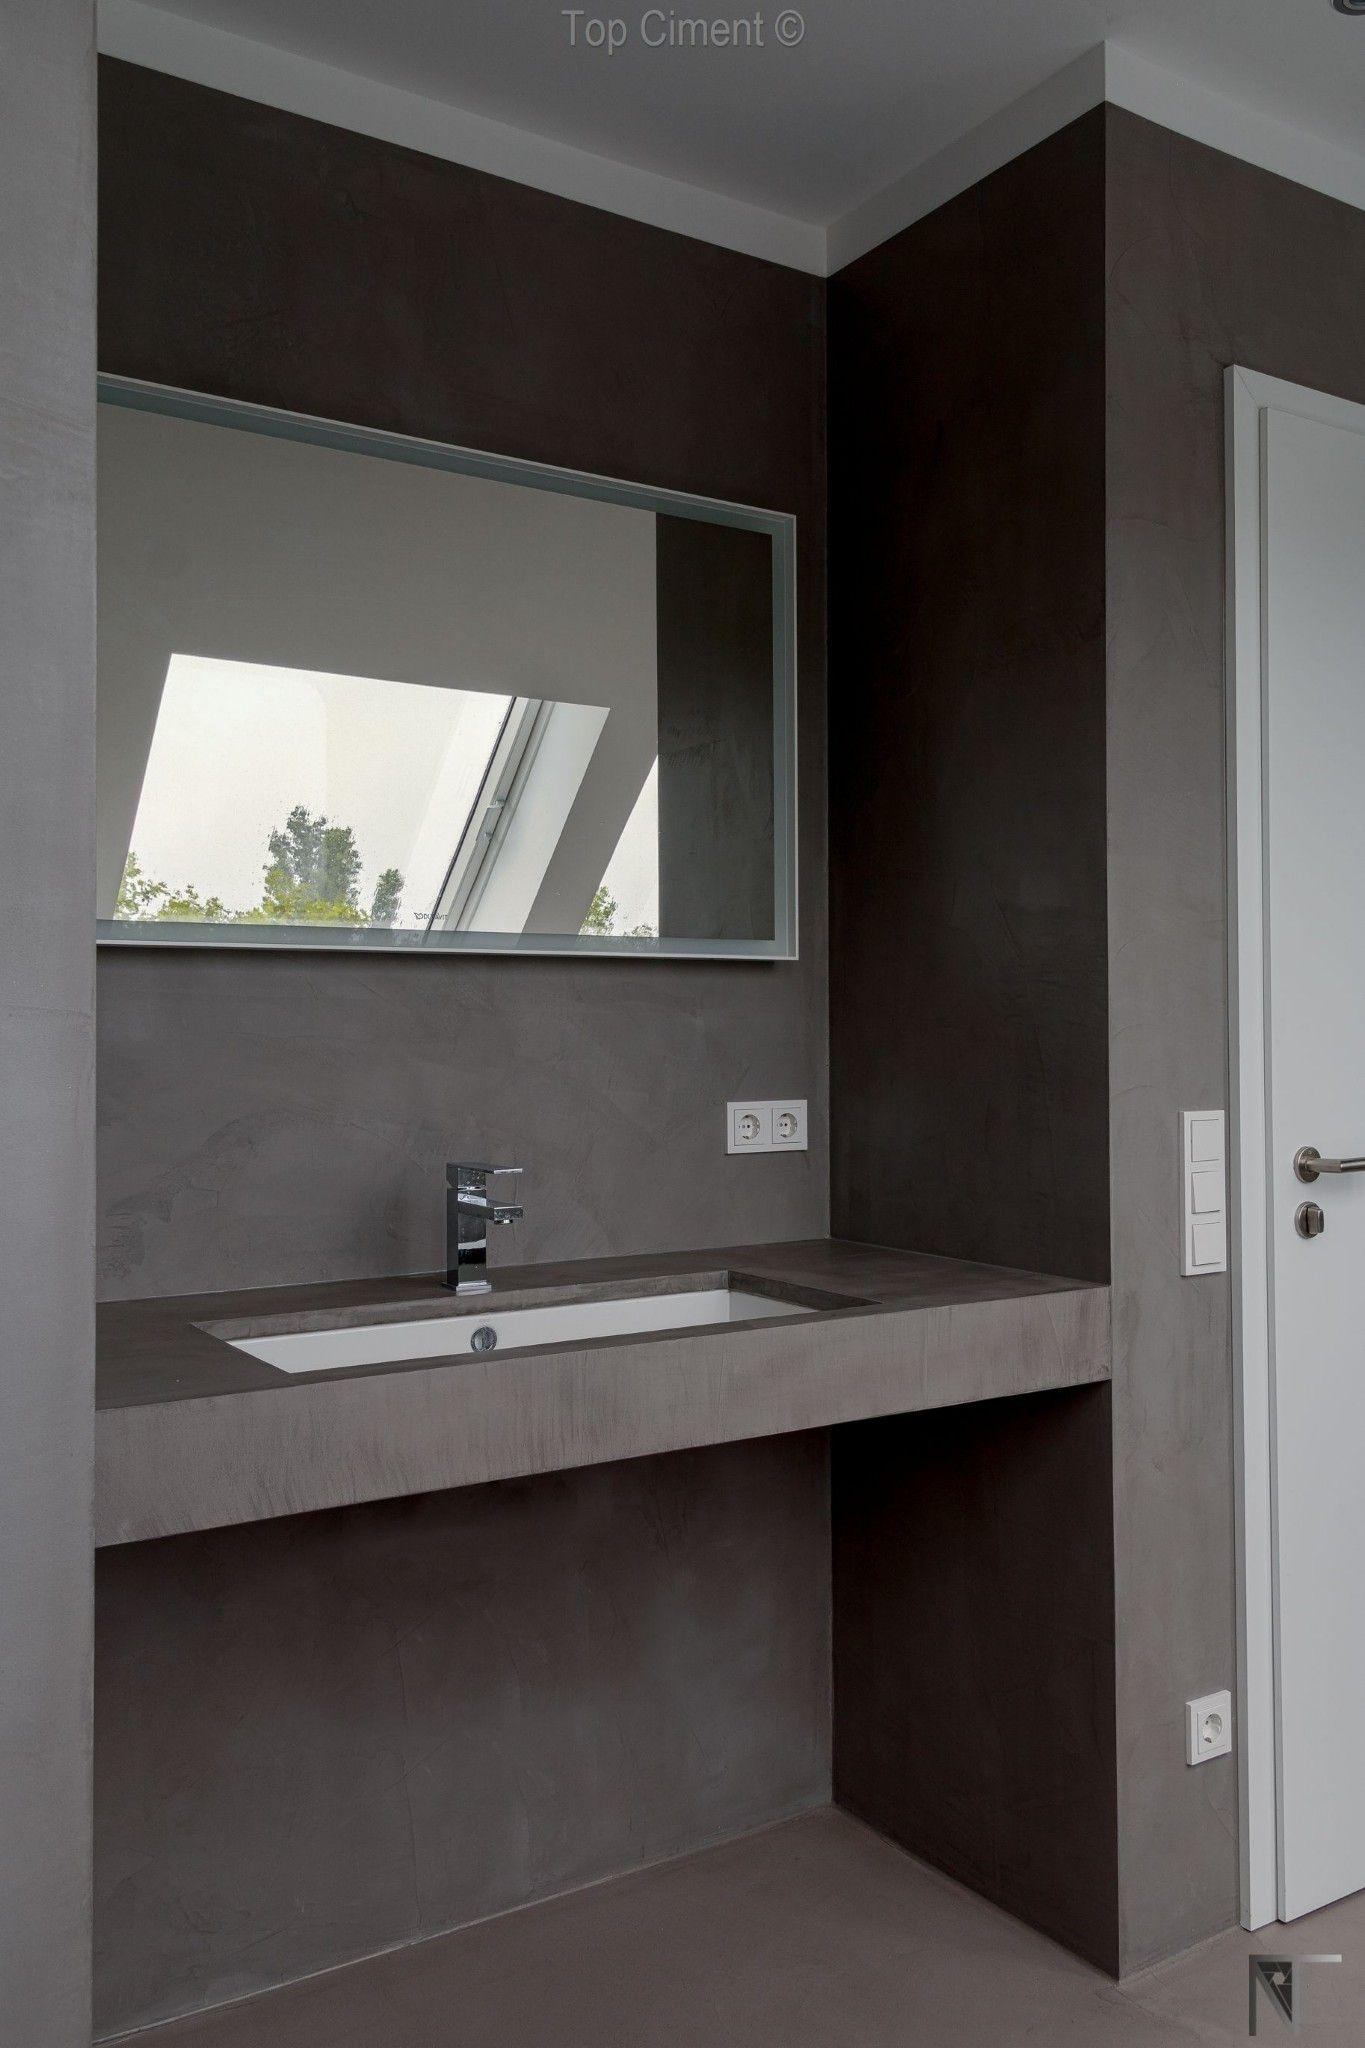 Topciment, el suelo ideal para un baño sin azulejos Apartamento ...